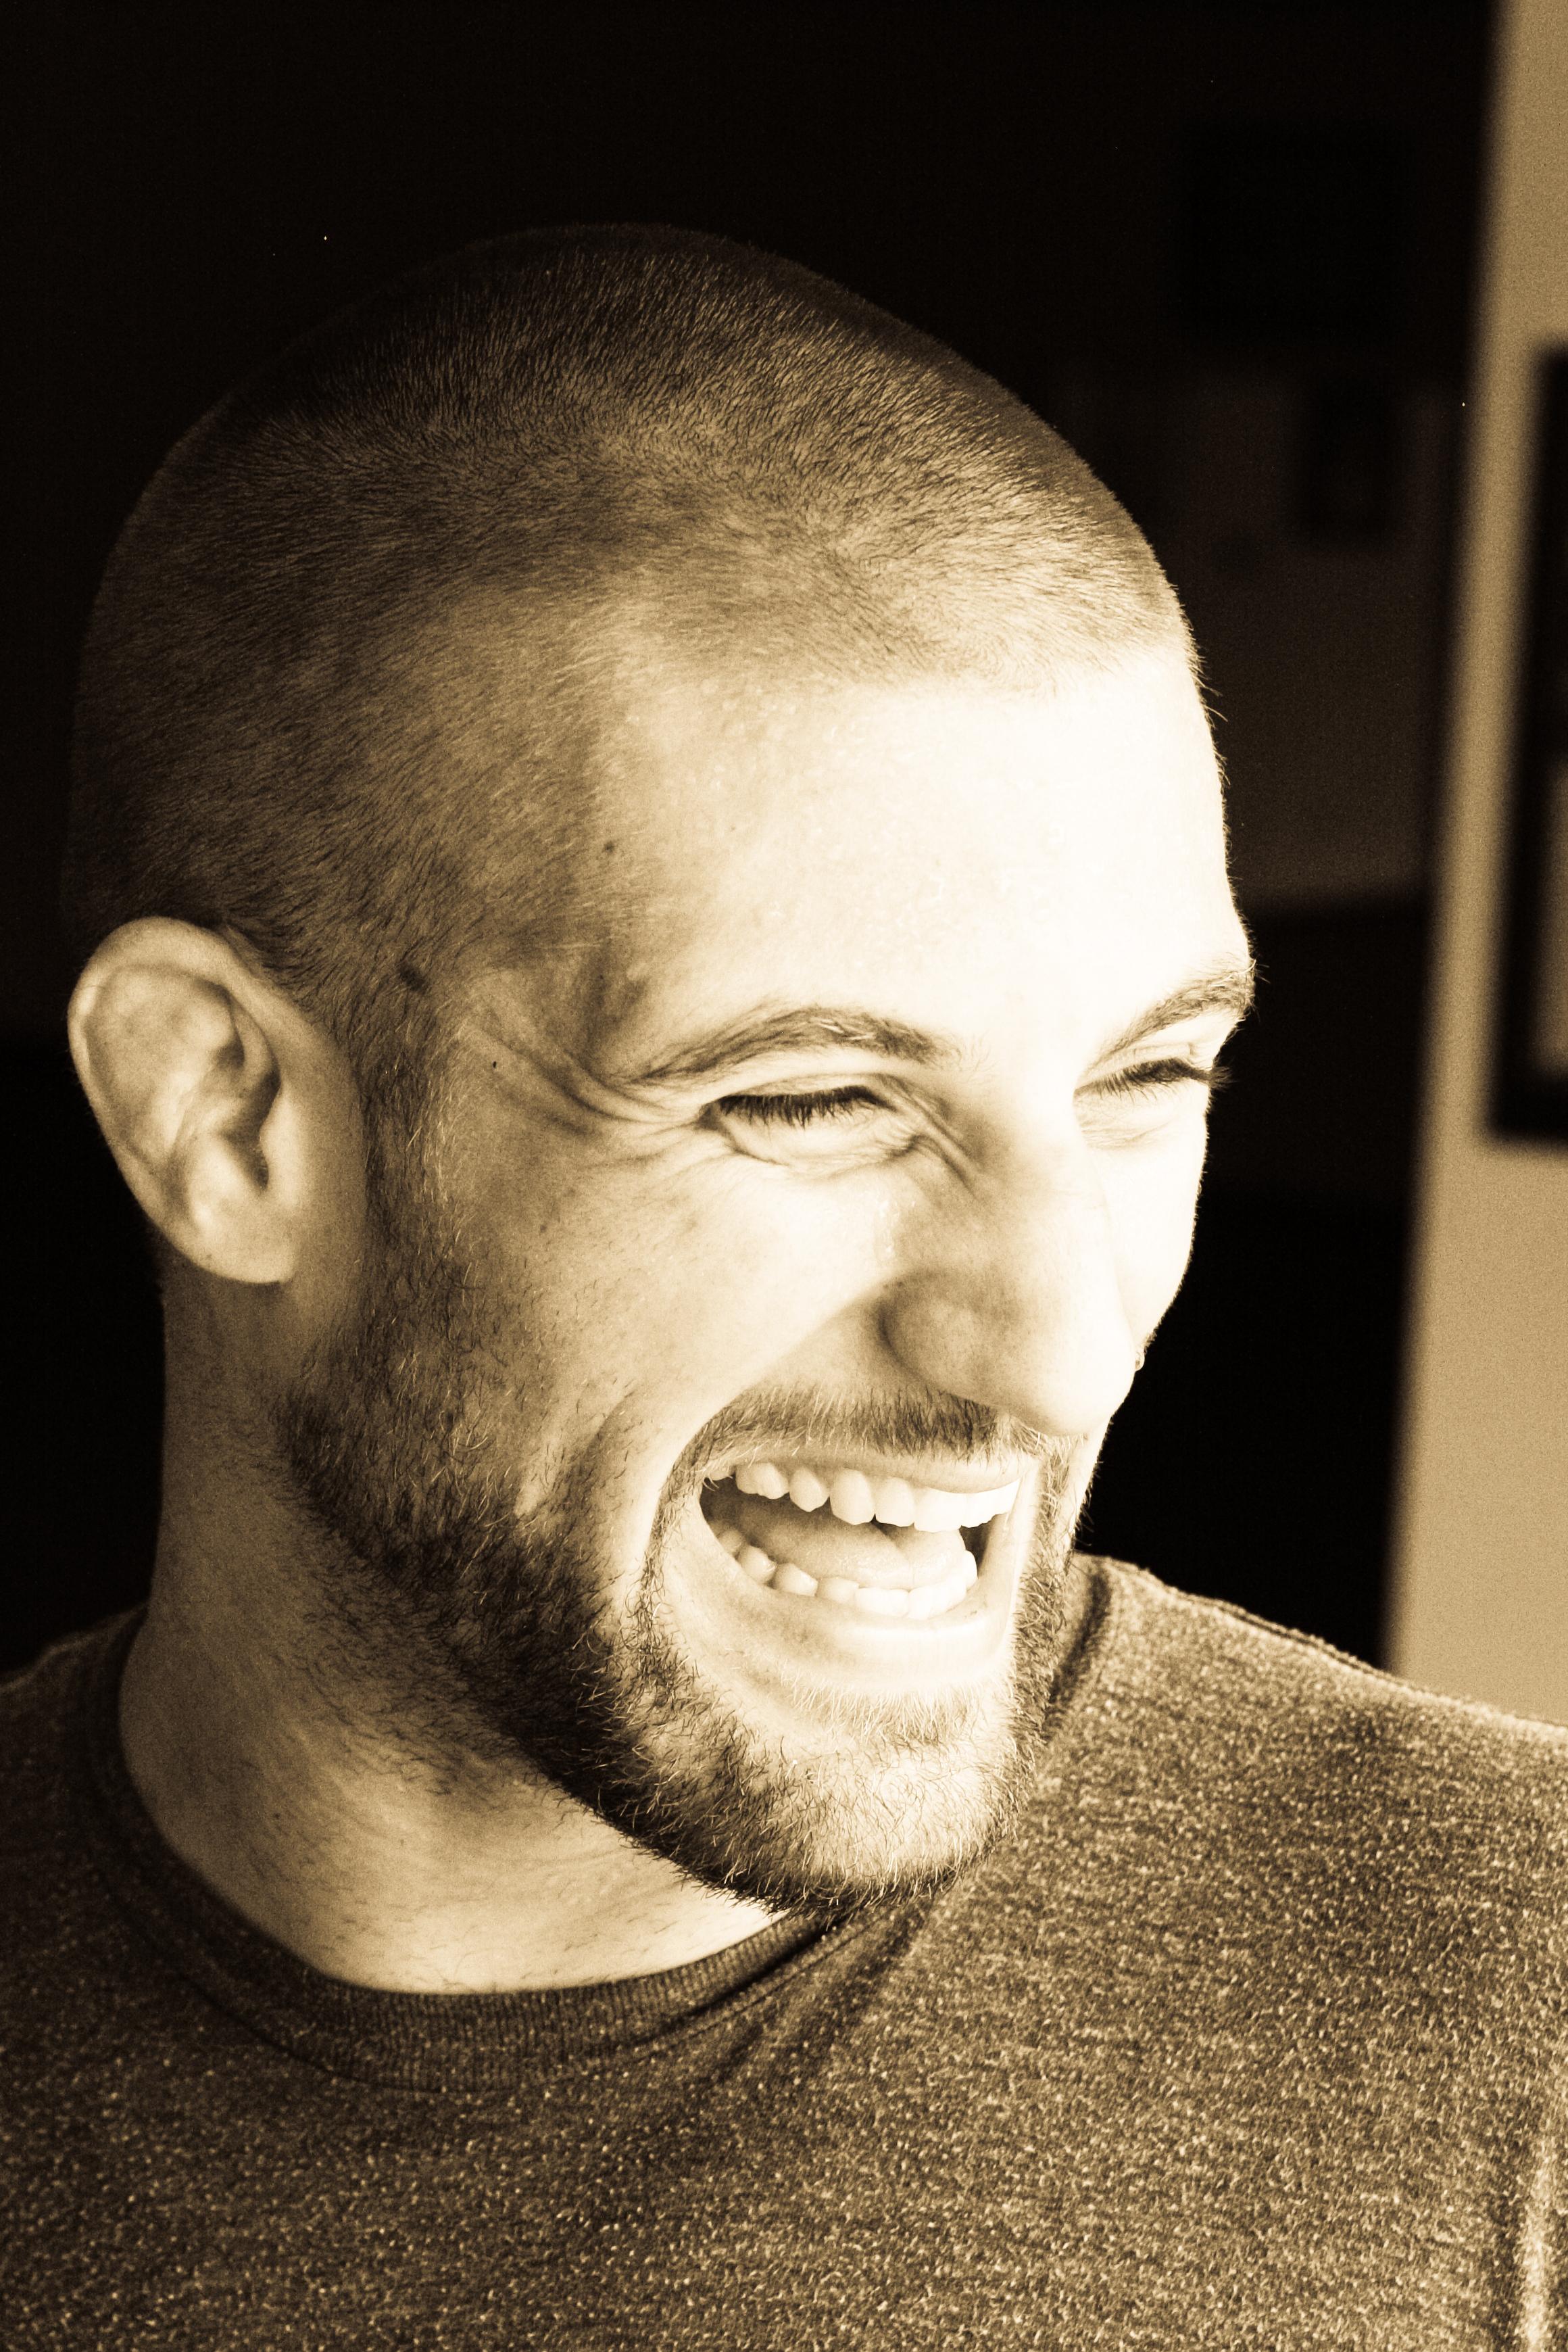 Cody smile 8301-317